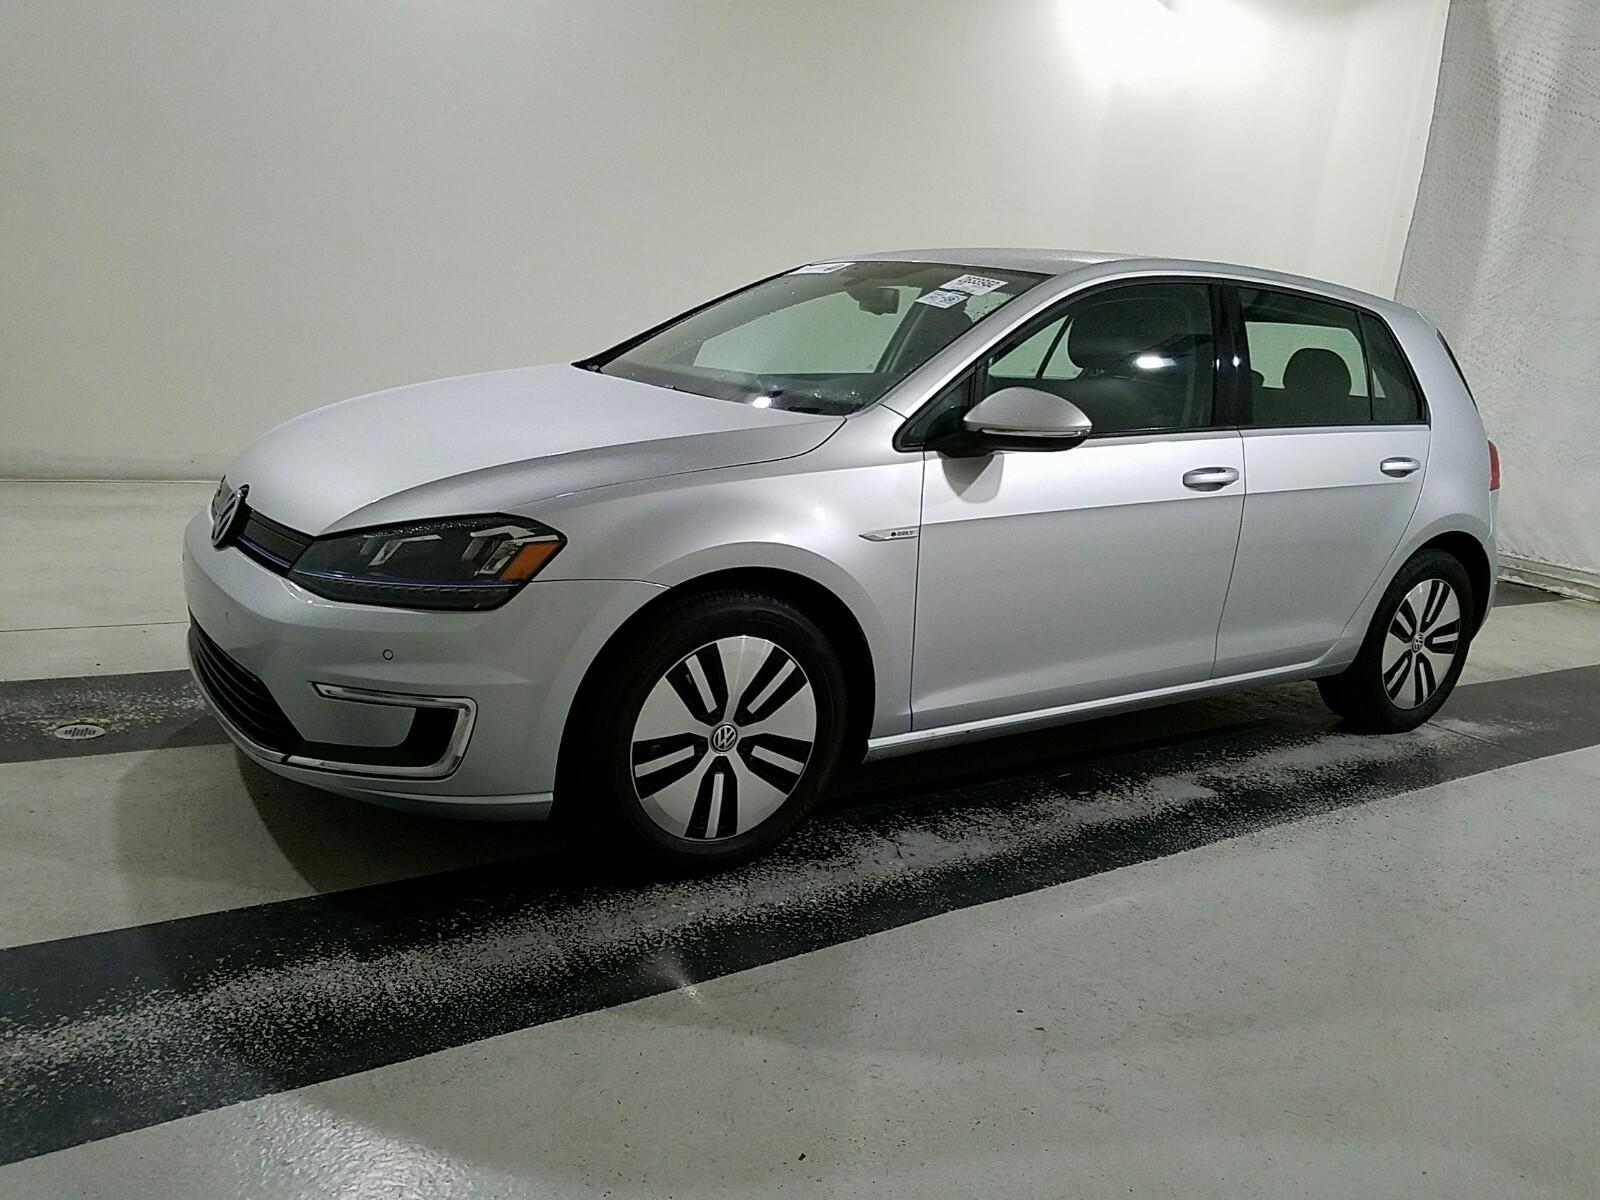 б/у електричний автомобіль Volkswagen E-Golf SEL